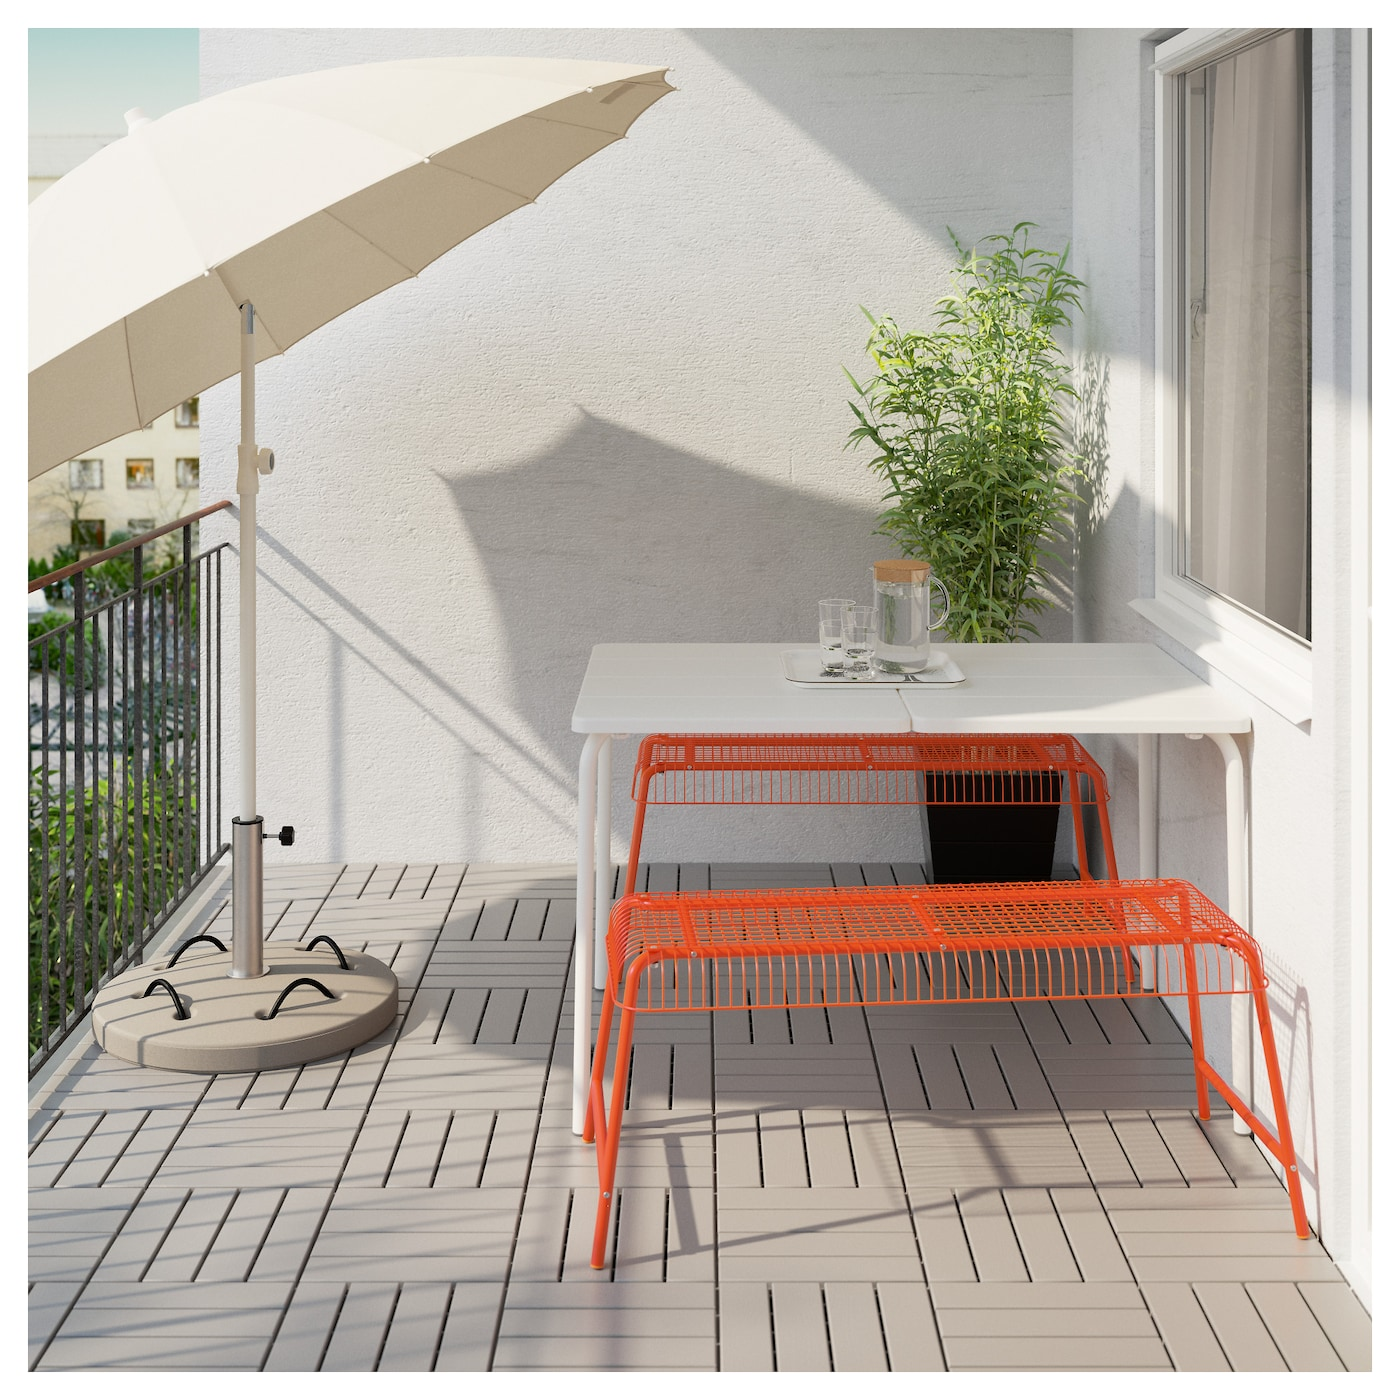 v ster n banc int rieur ext rieur orange ikea. Black Bedroom Furniture Sets. Home Design Ideas